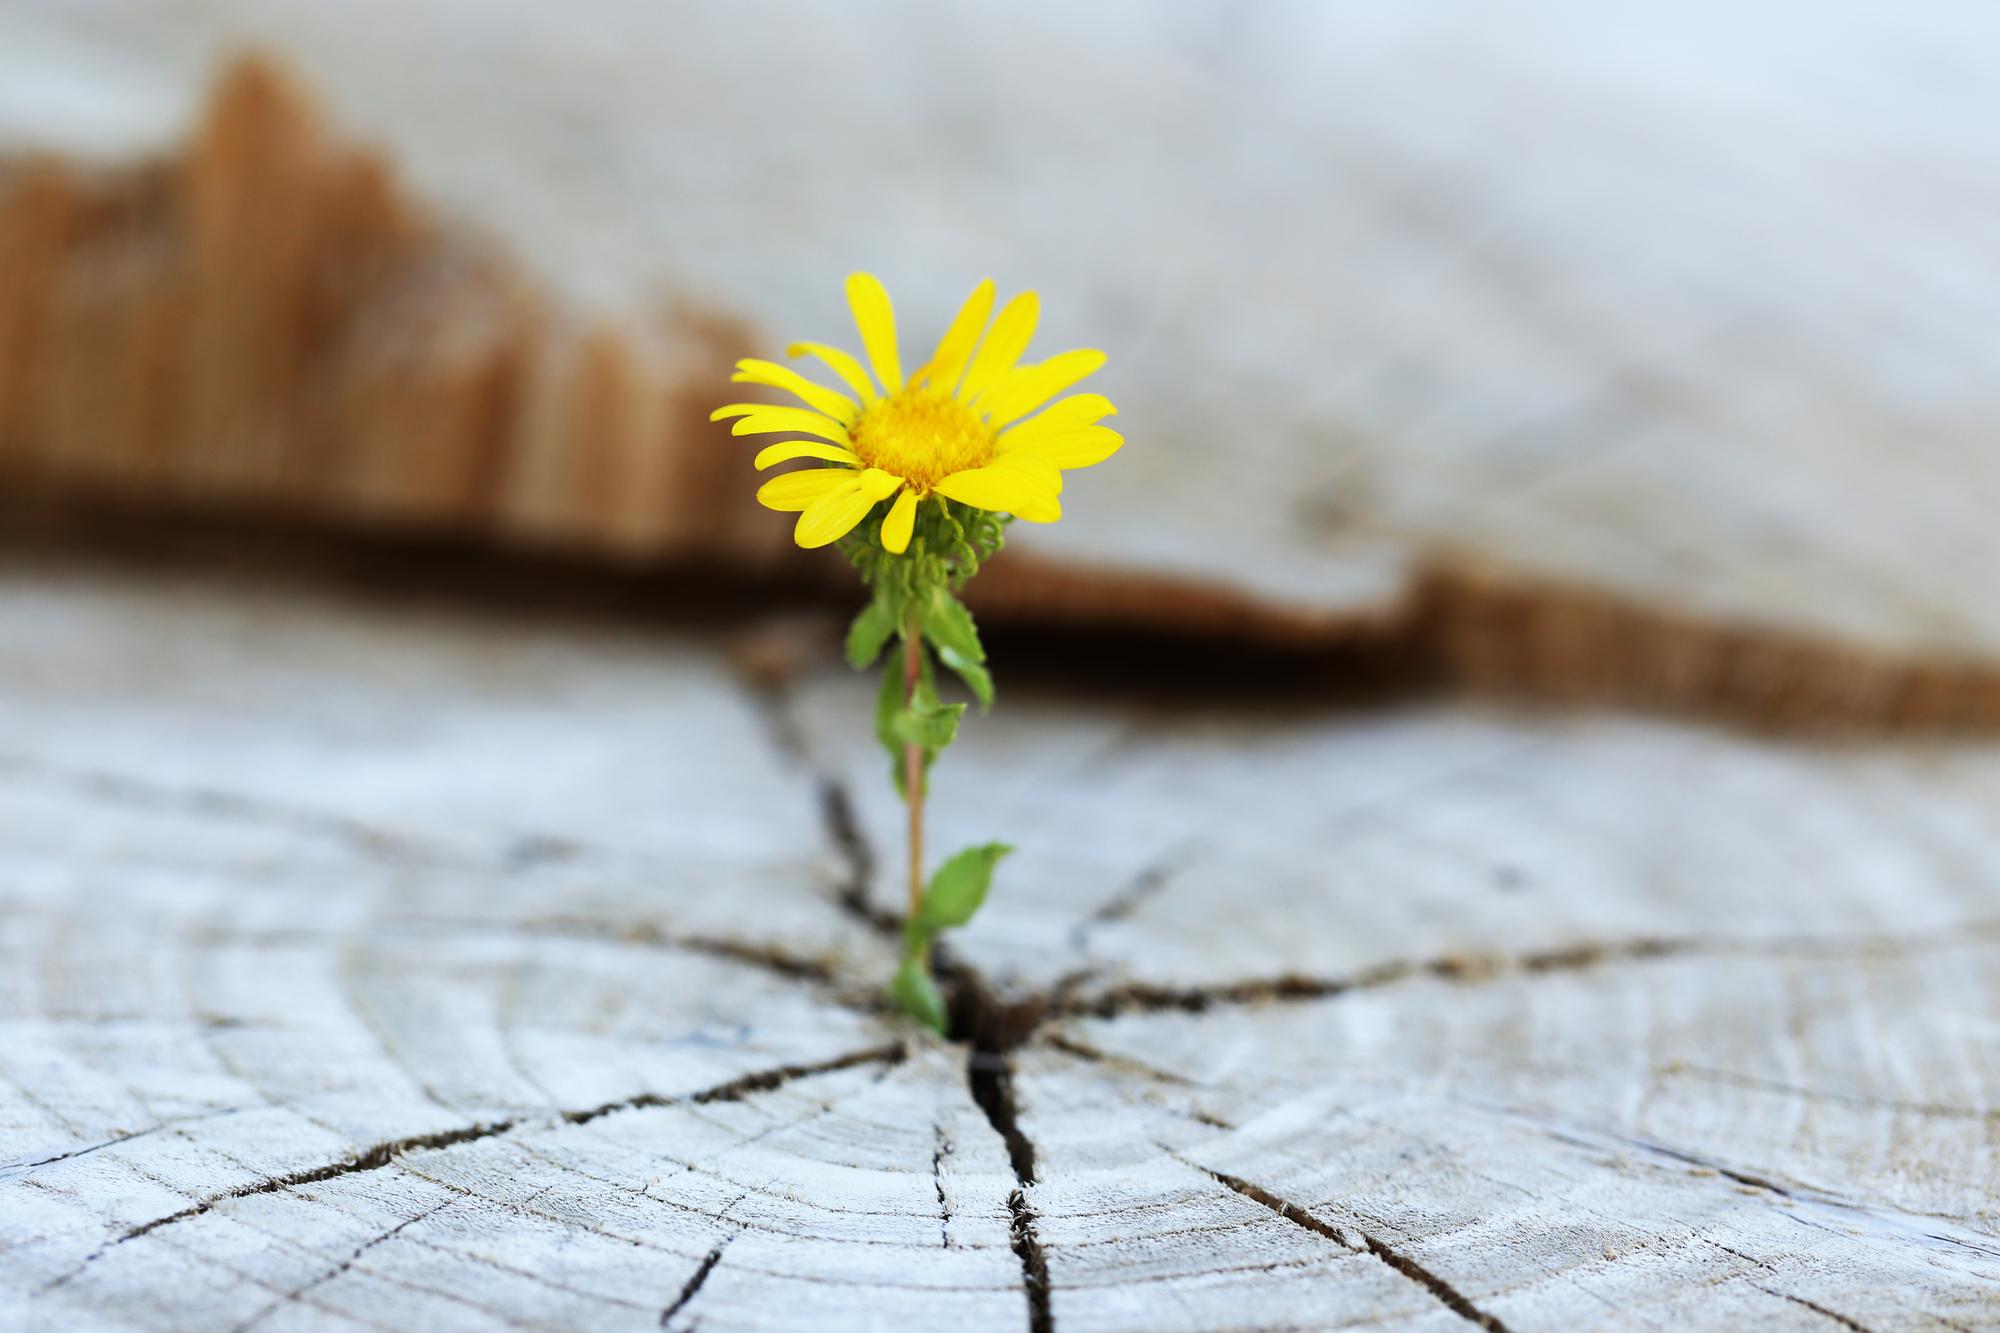 Emerging flower